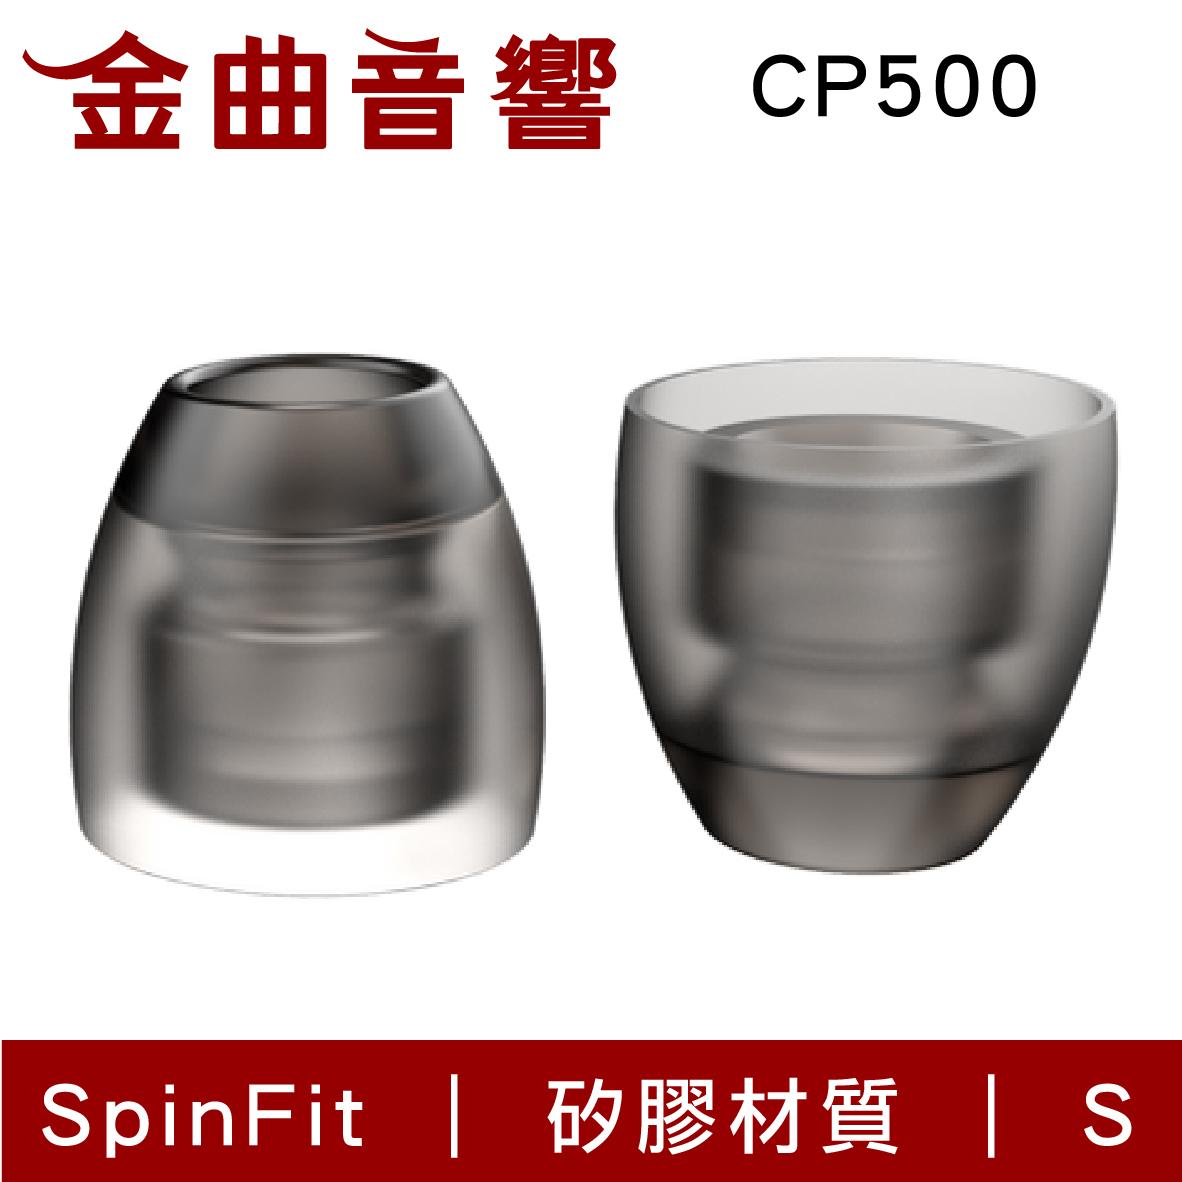 SpinFit CP500 S 一對 JVC Final 適用 矽膠 耳塞   金曲音響